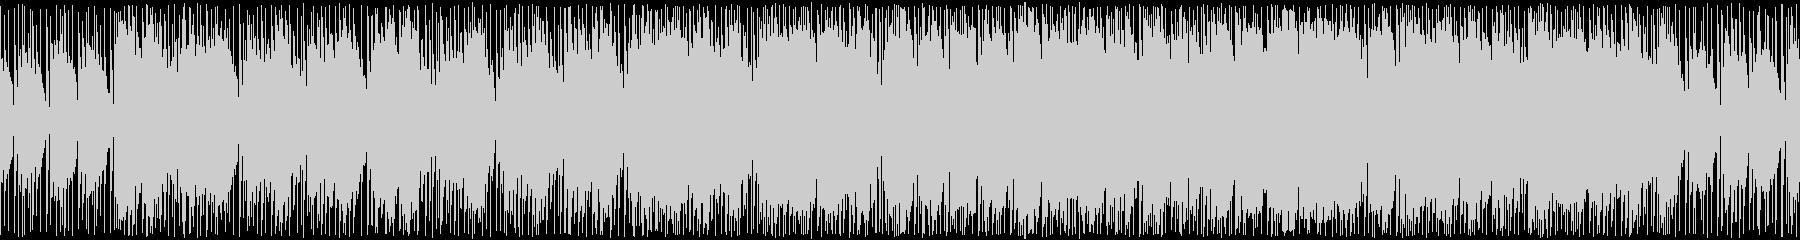 戦車ゲームの戦略フェイズのようなロック曲の未再生の波形